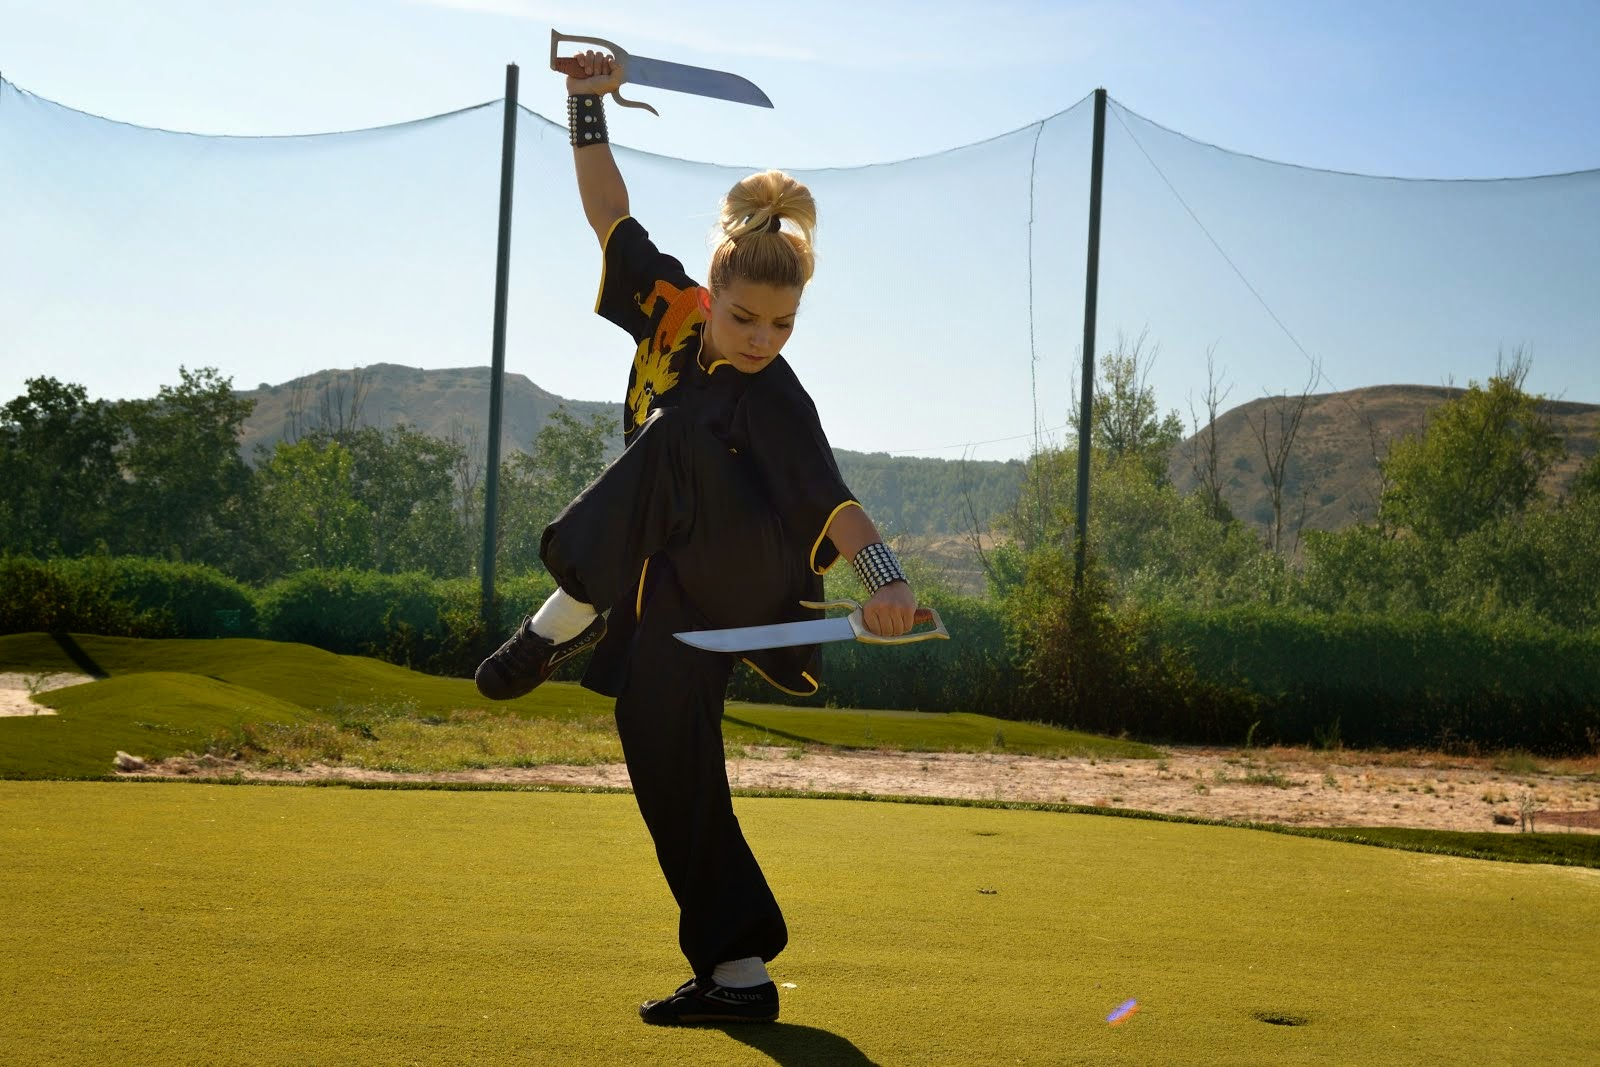 Cursos y Clases Kung Fu Infantil y Adultos - GrandMaster SENNA y Shifu Paty Lee.